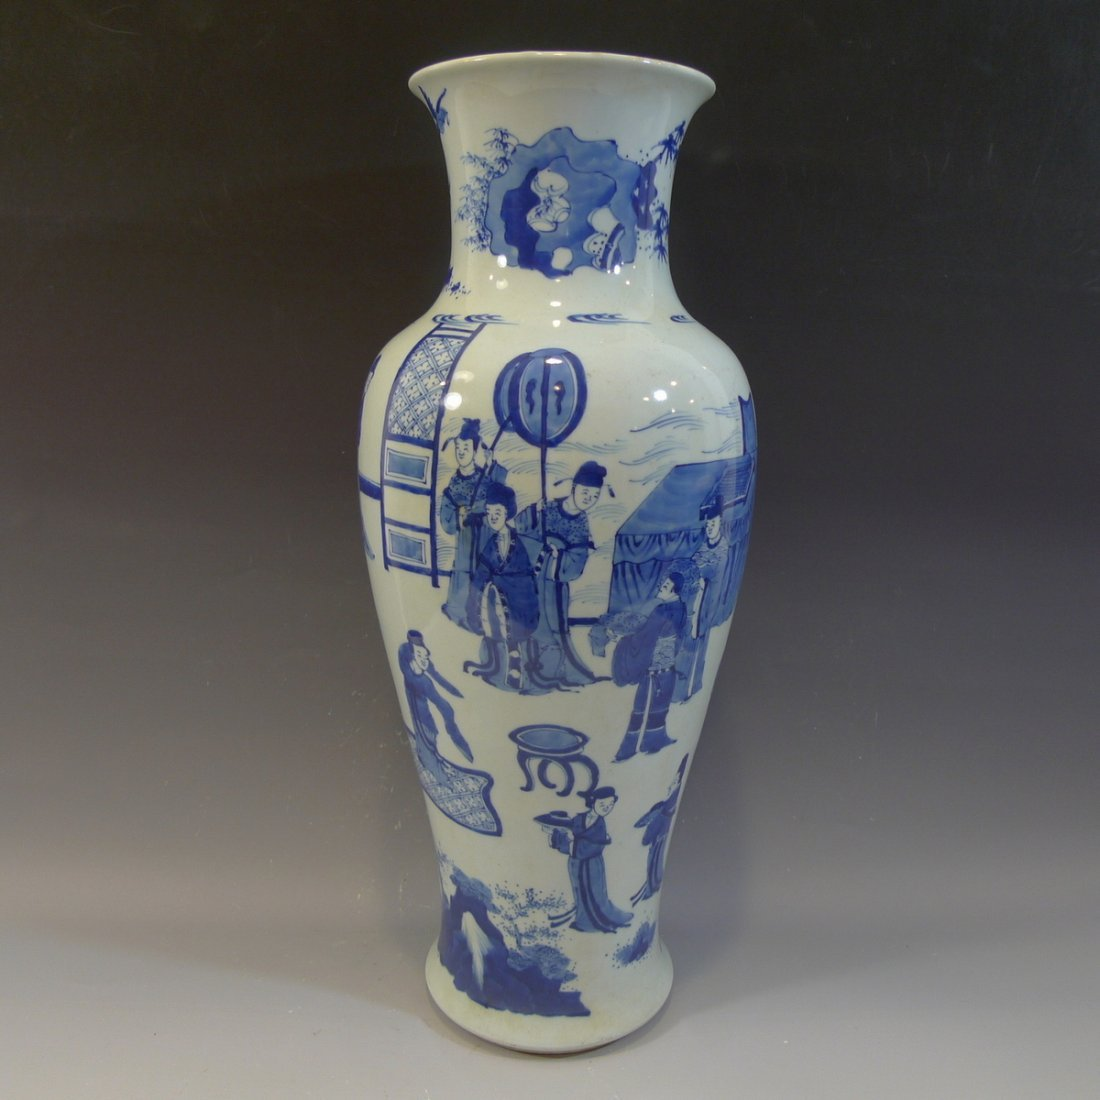 ANTIQUE CHINESE BLUE WHITE PORCELAIN VASE - KANGXI MARK